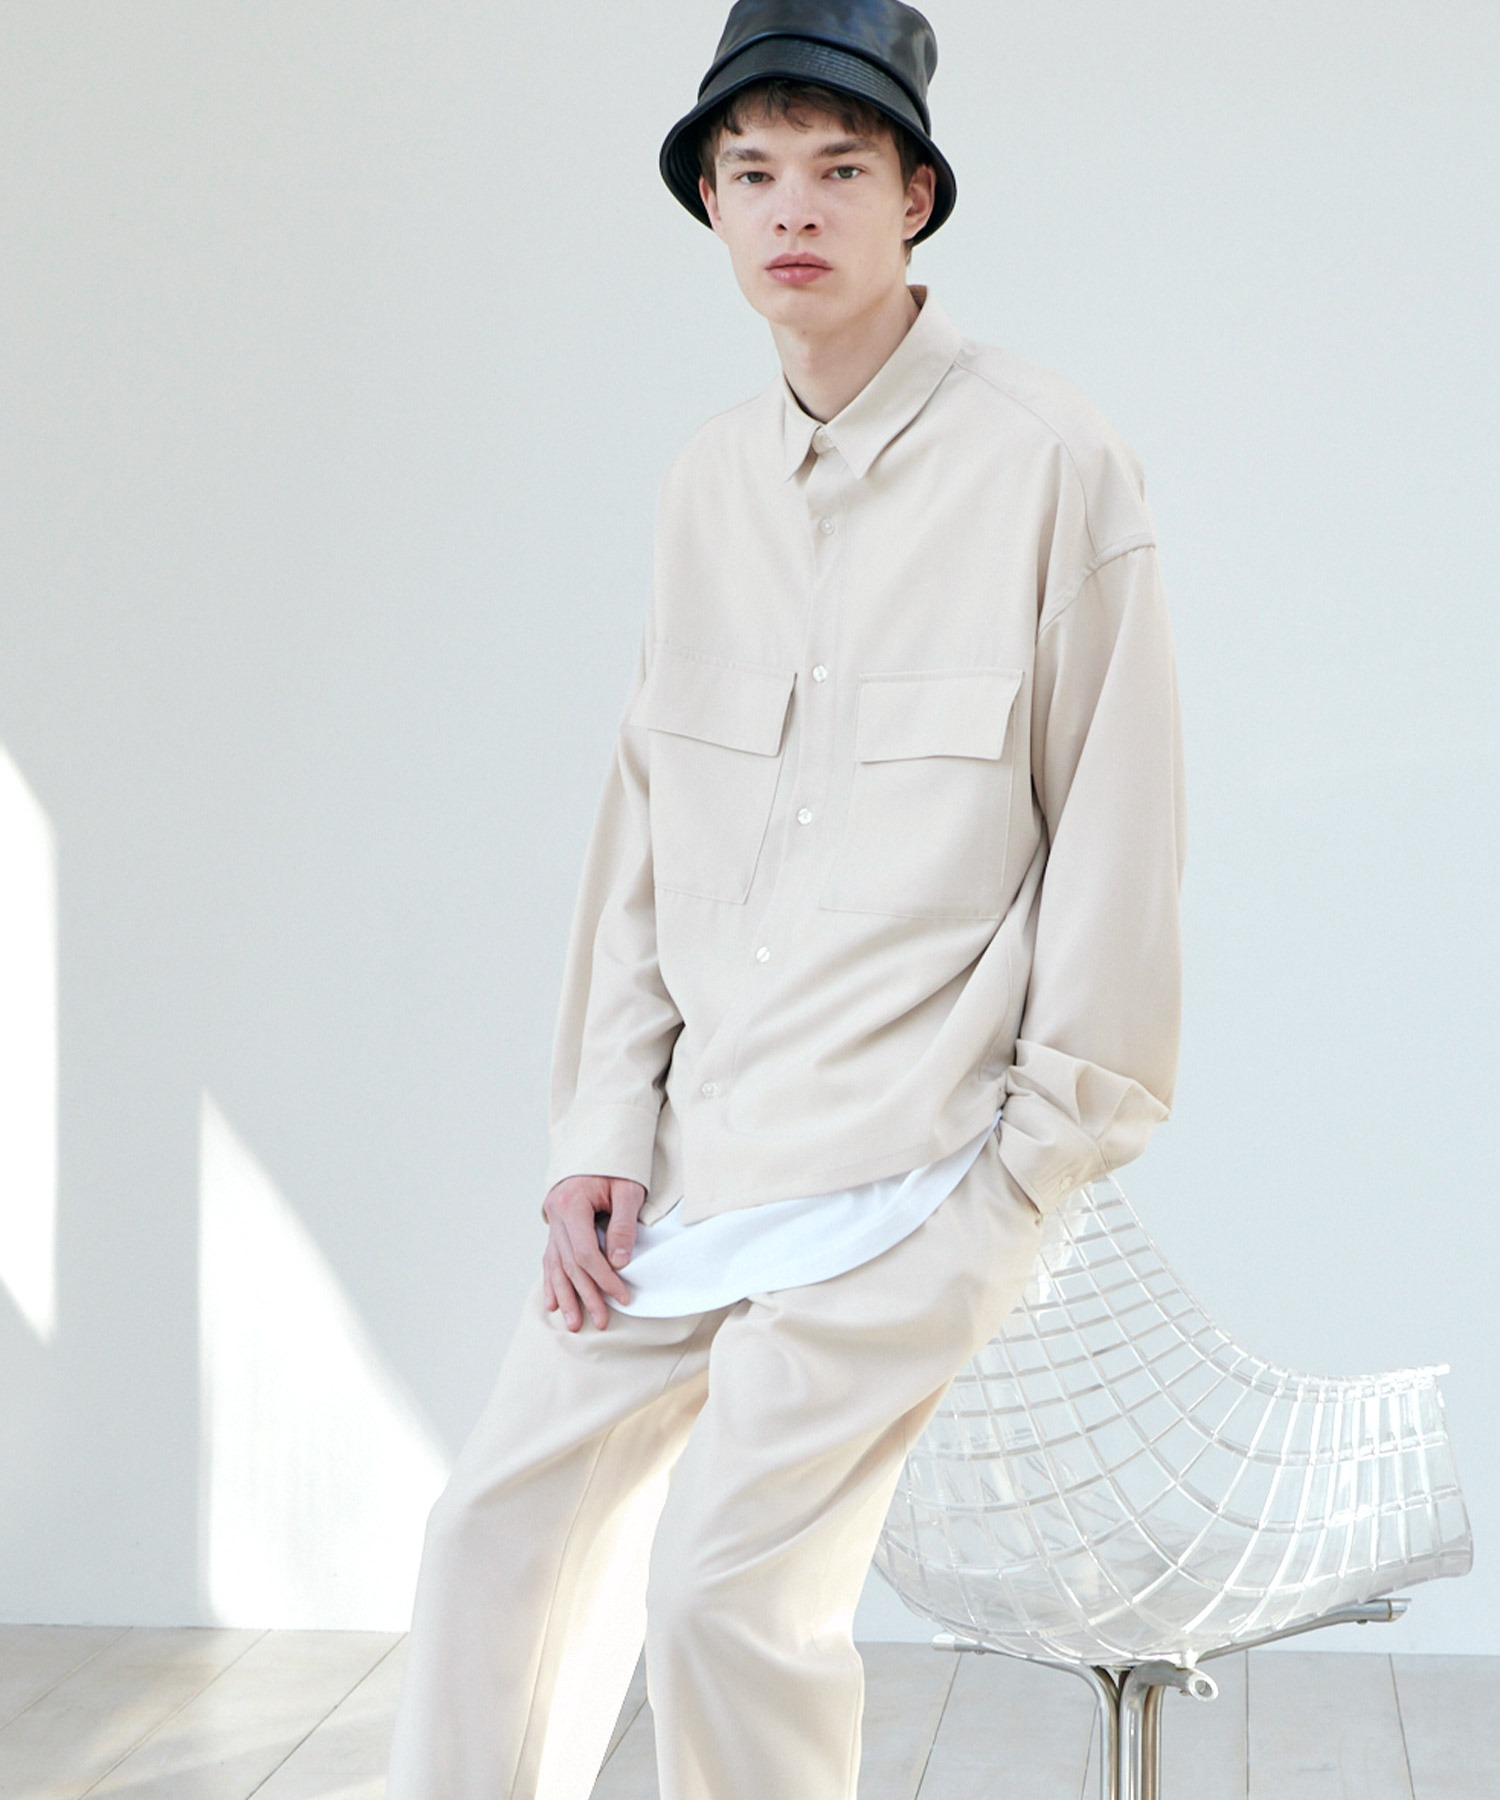 【セットアップ】ブライトポプリン レギュラーカラー L/S オーバーサイズ ドレープ CPOシャツ&ワイドアンクルシェフパンツ EMMA CLOTHES 2020AW